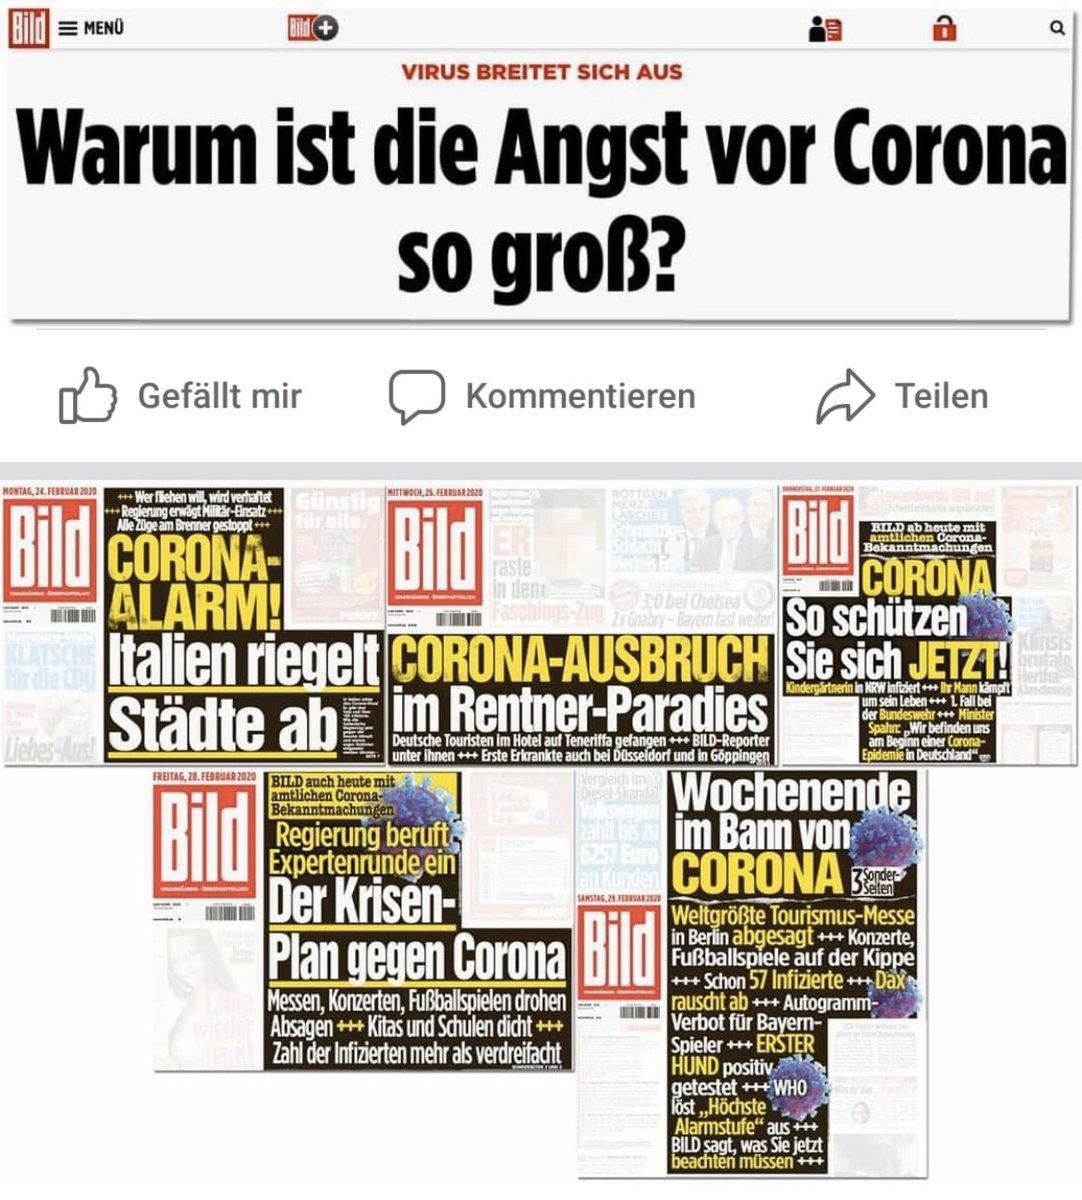 #CoronaPanik